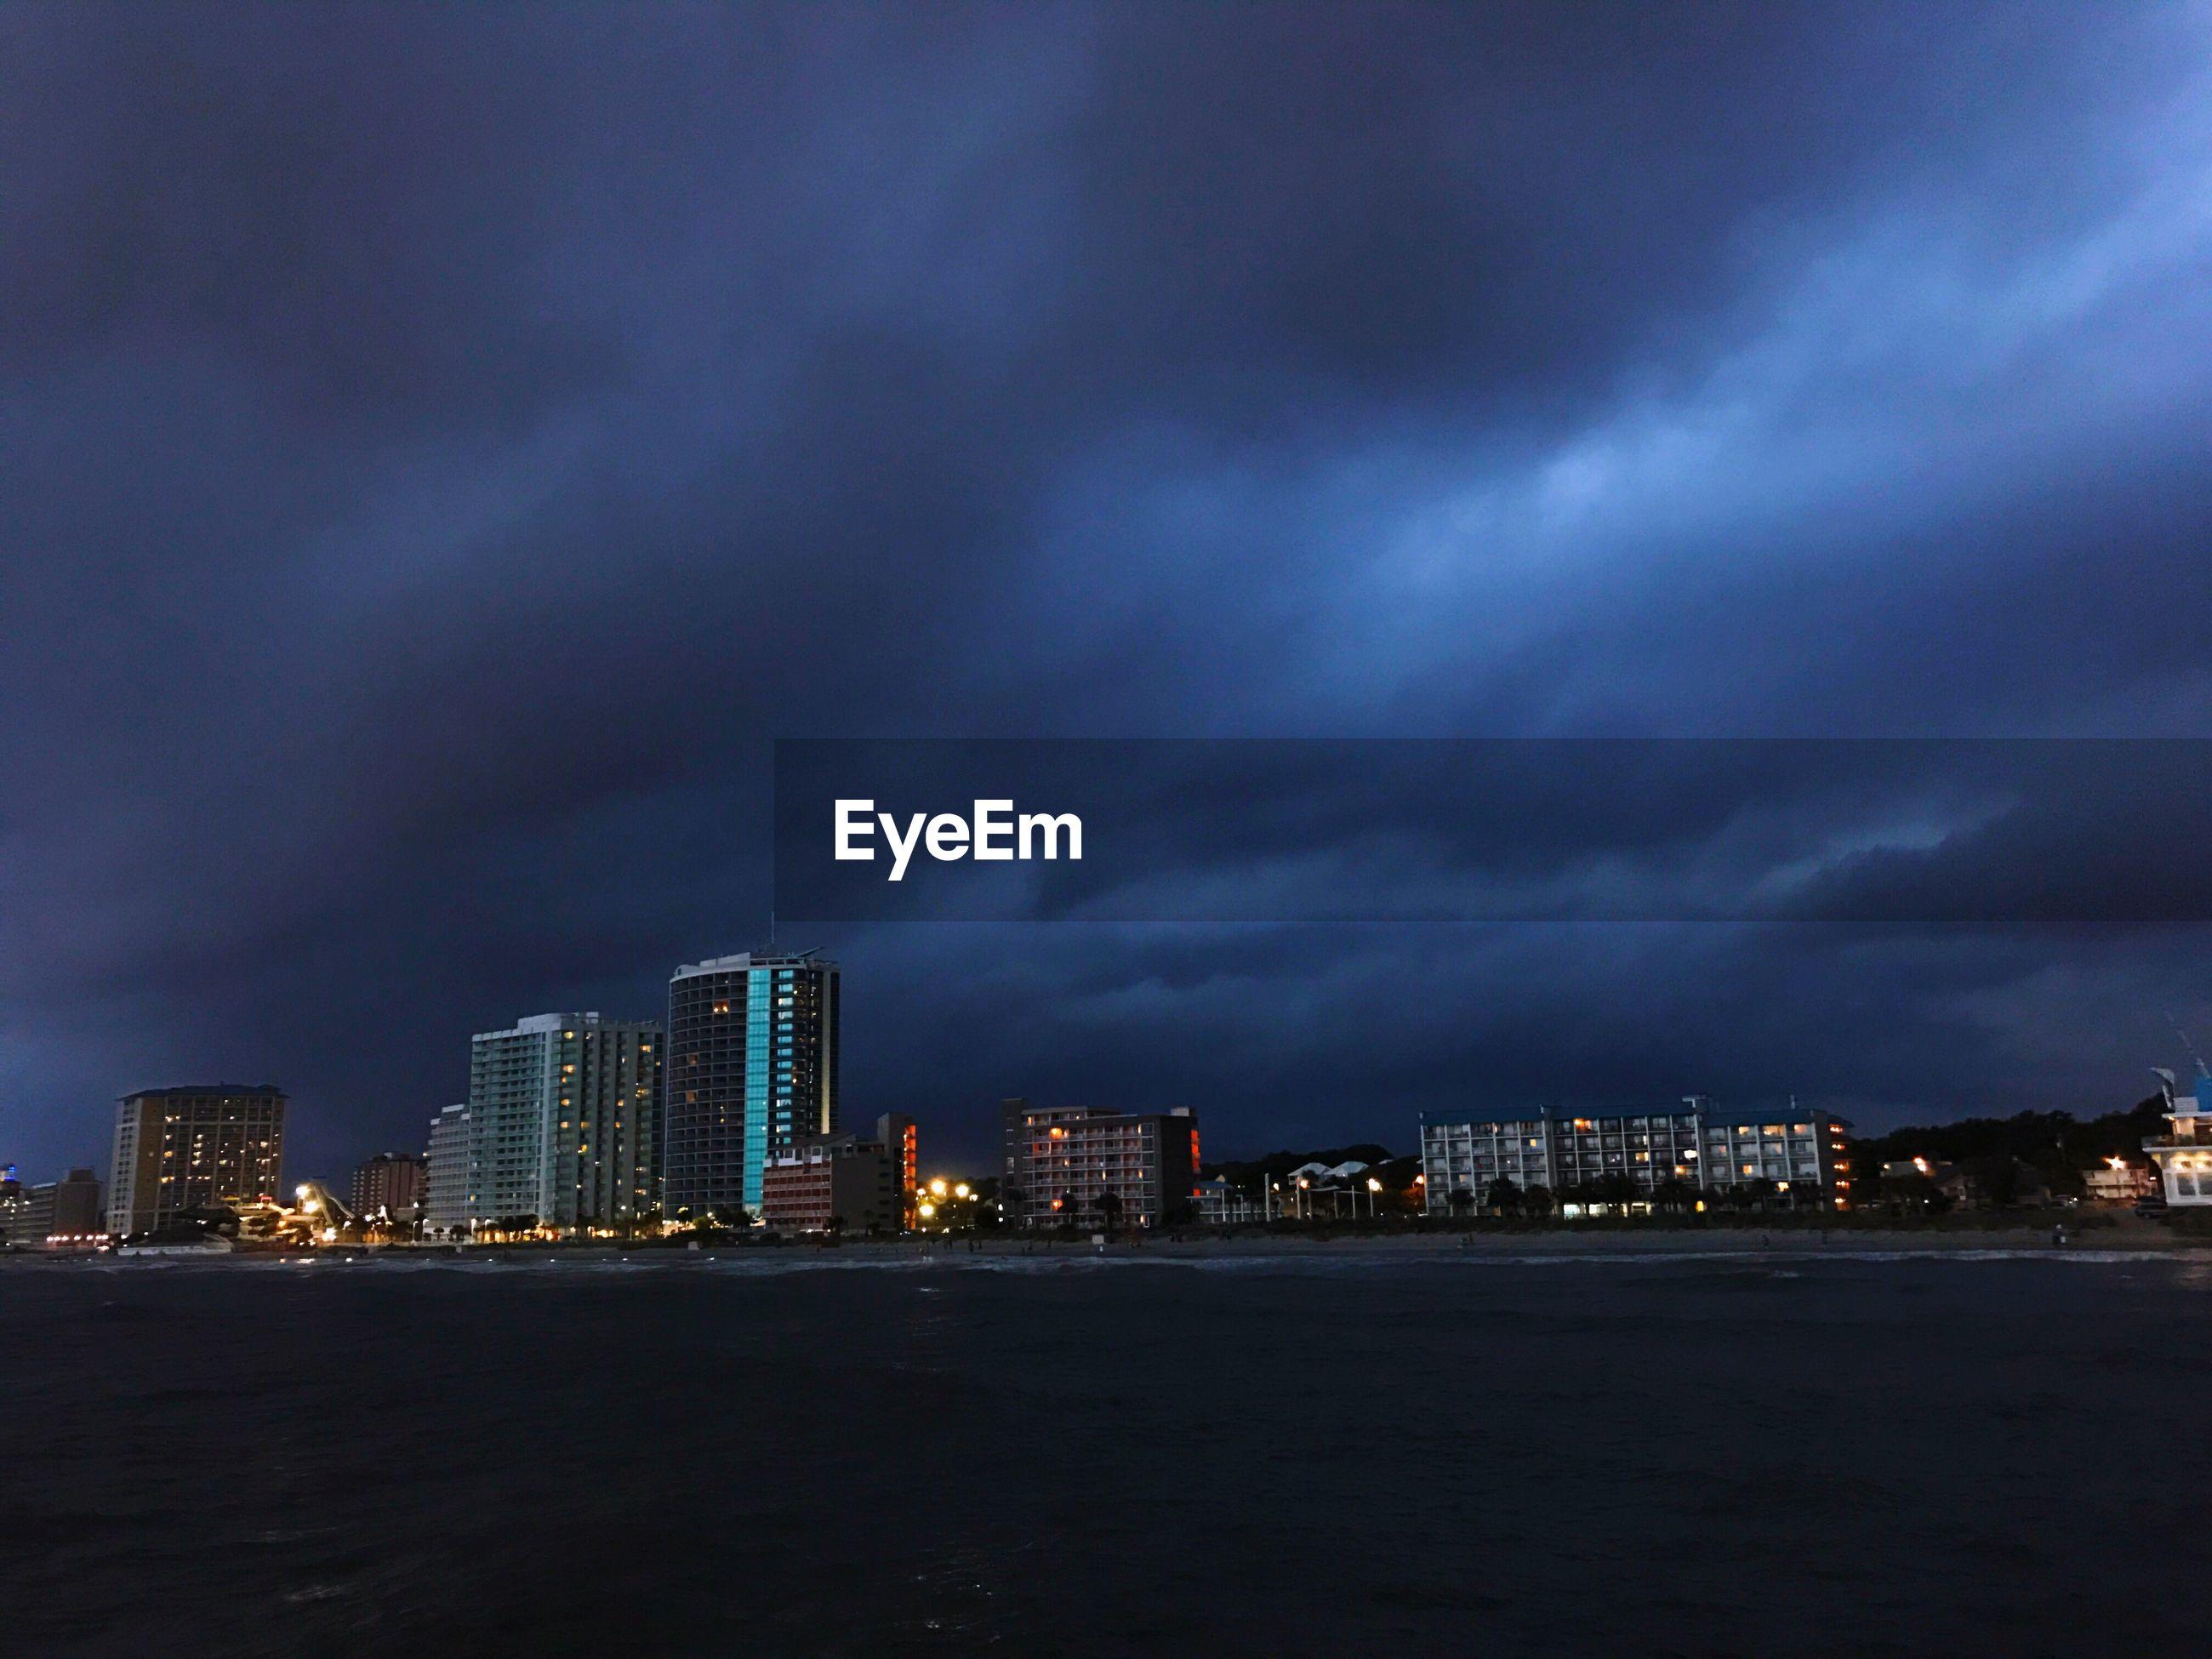 ILLUMINATED CITY AGAINST CLOUDY SKY